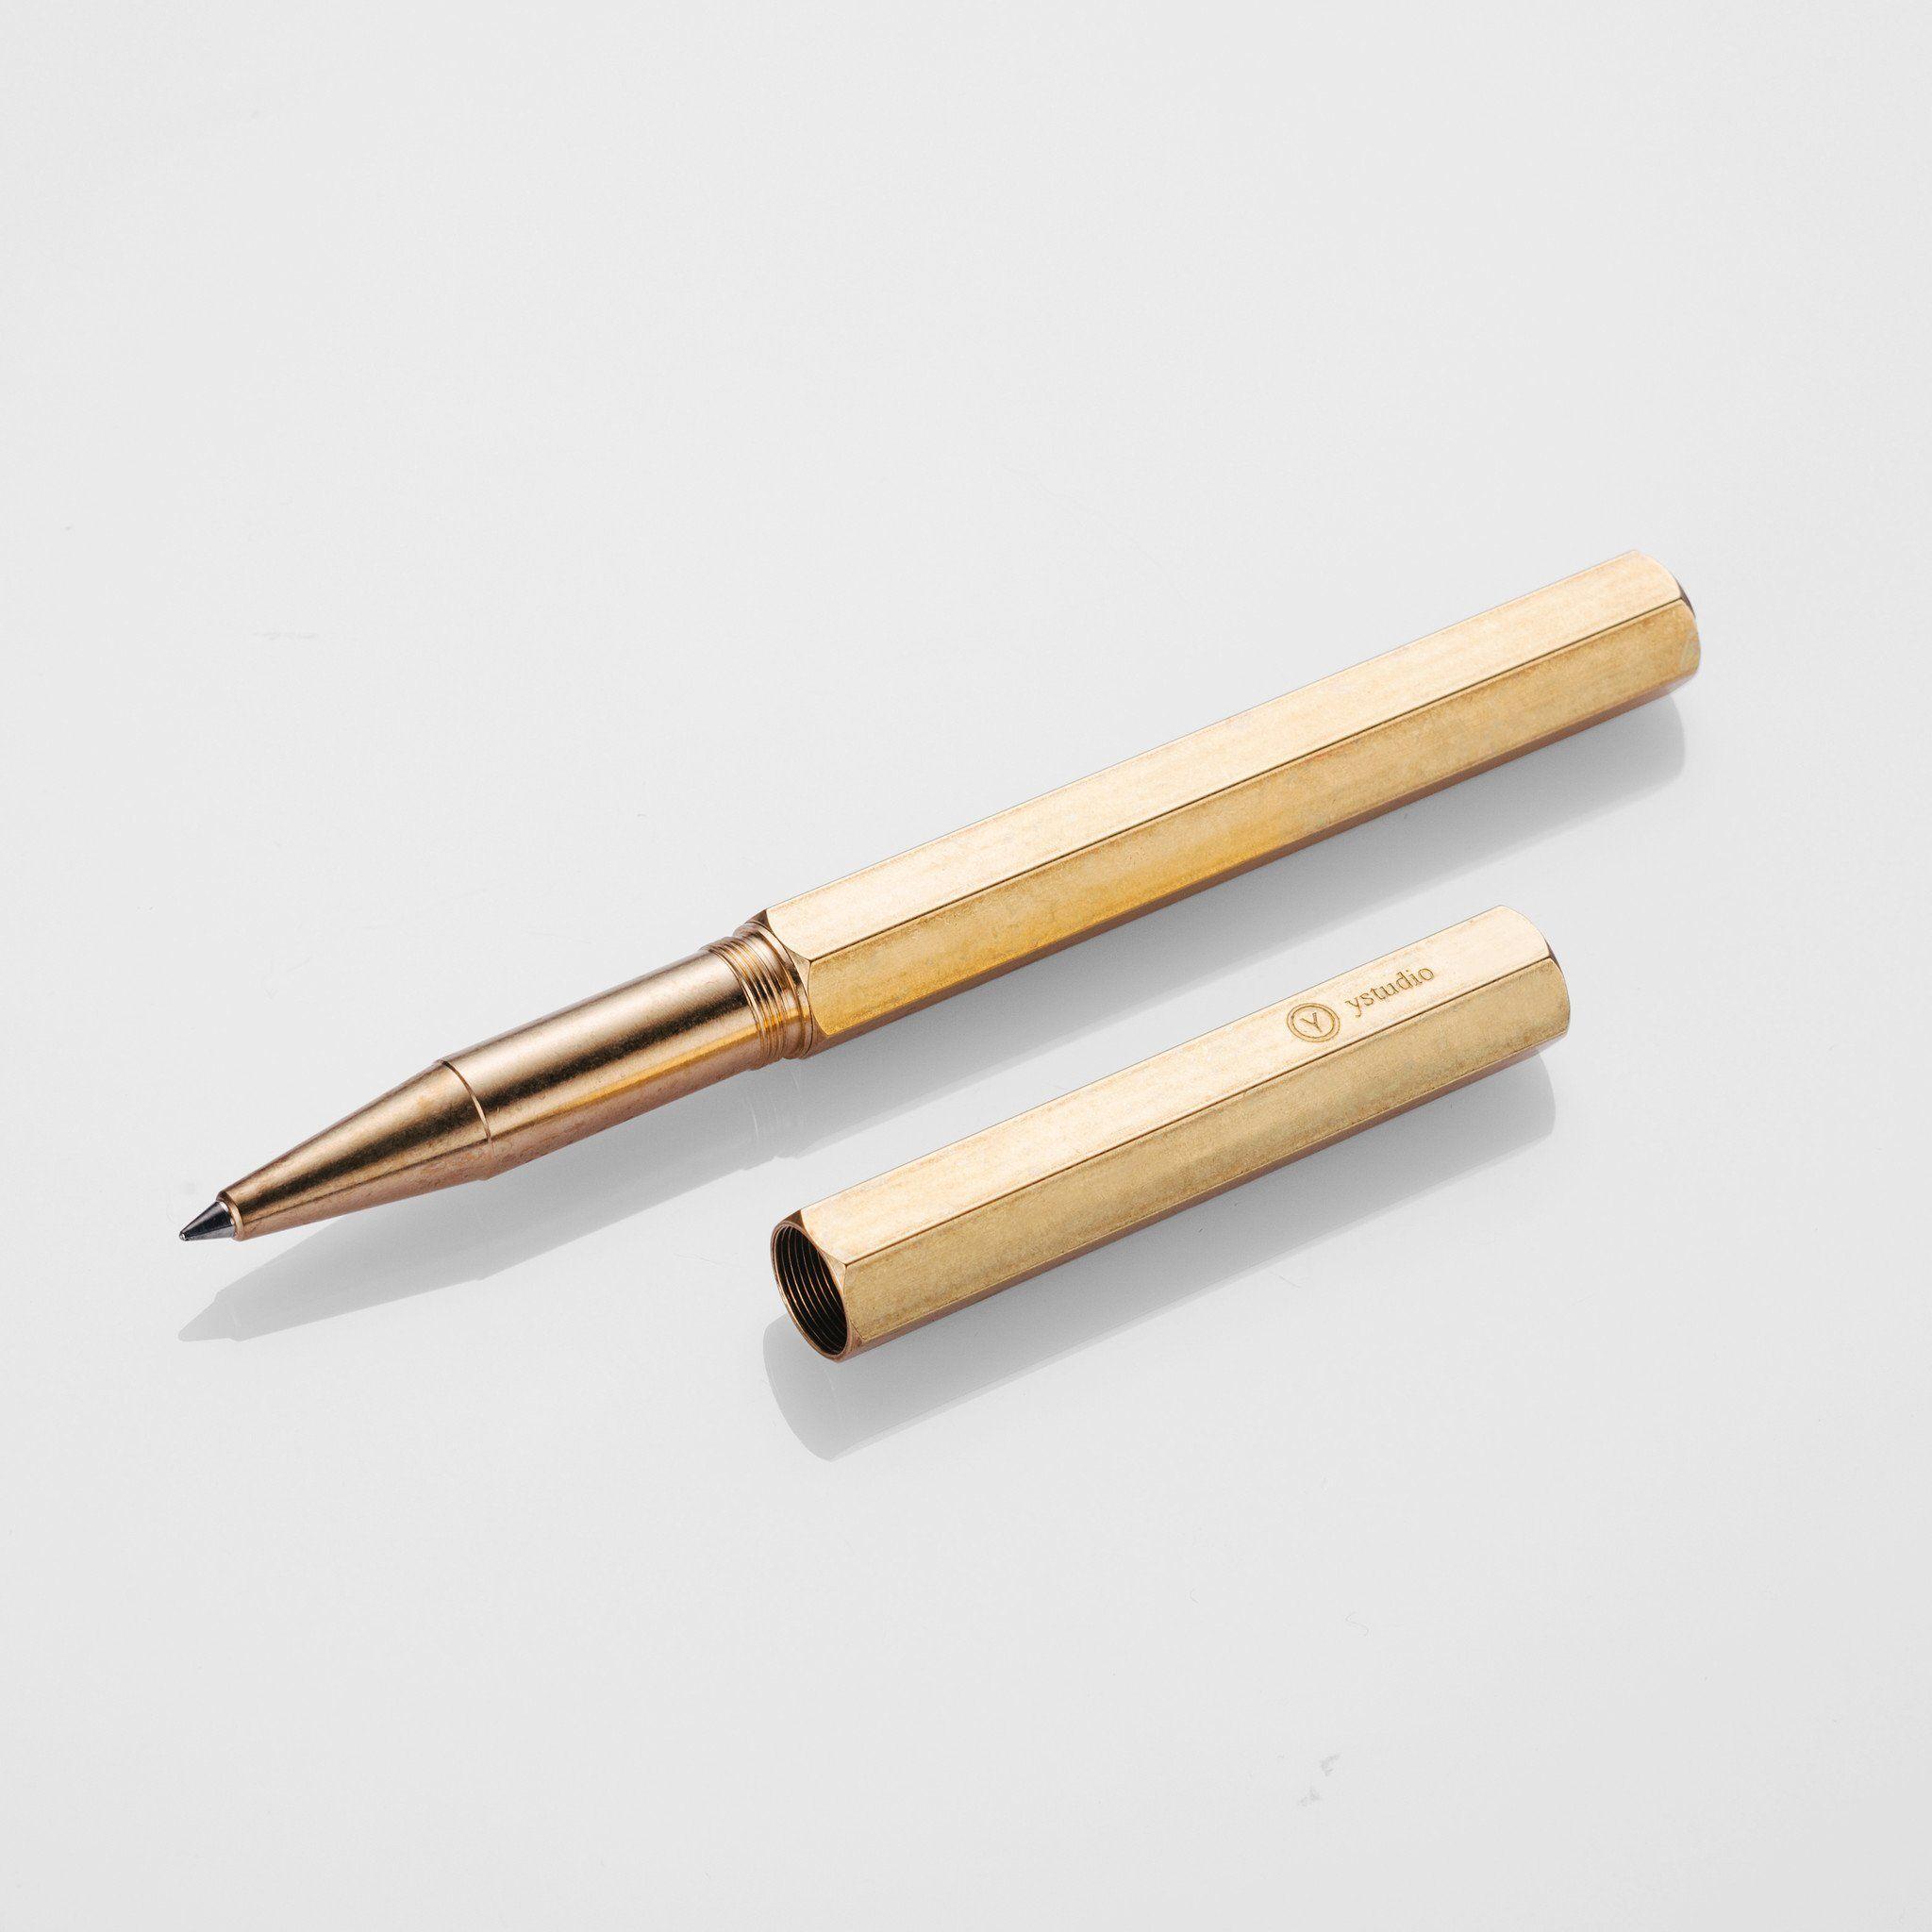 Fancy Rollerball Pen by Ystudio Rollerball pen, Pen